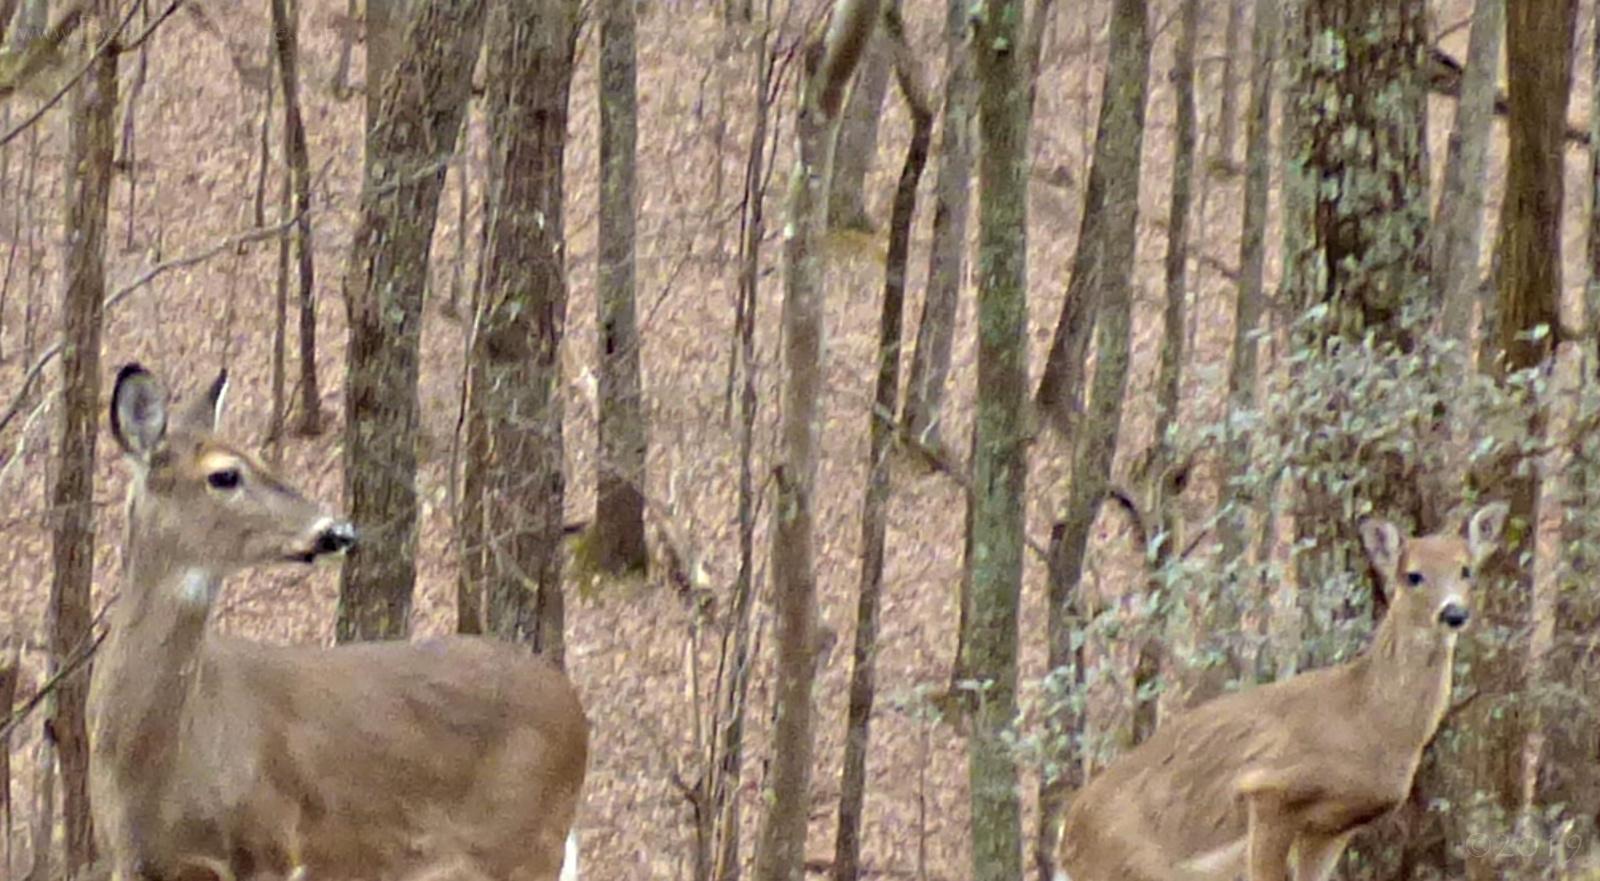 February 10, 2019 - Deer in Bent Tree